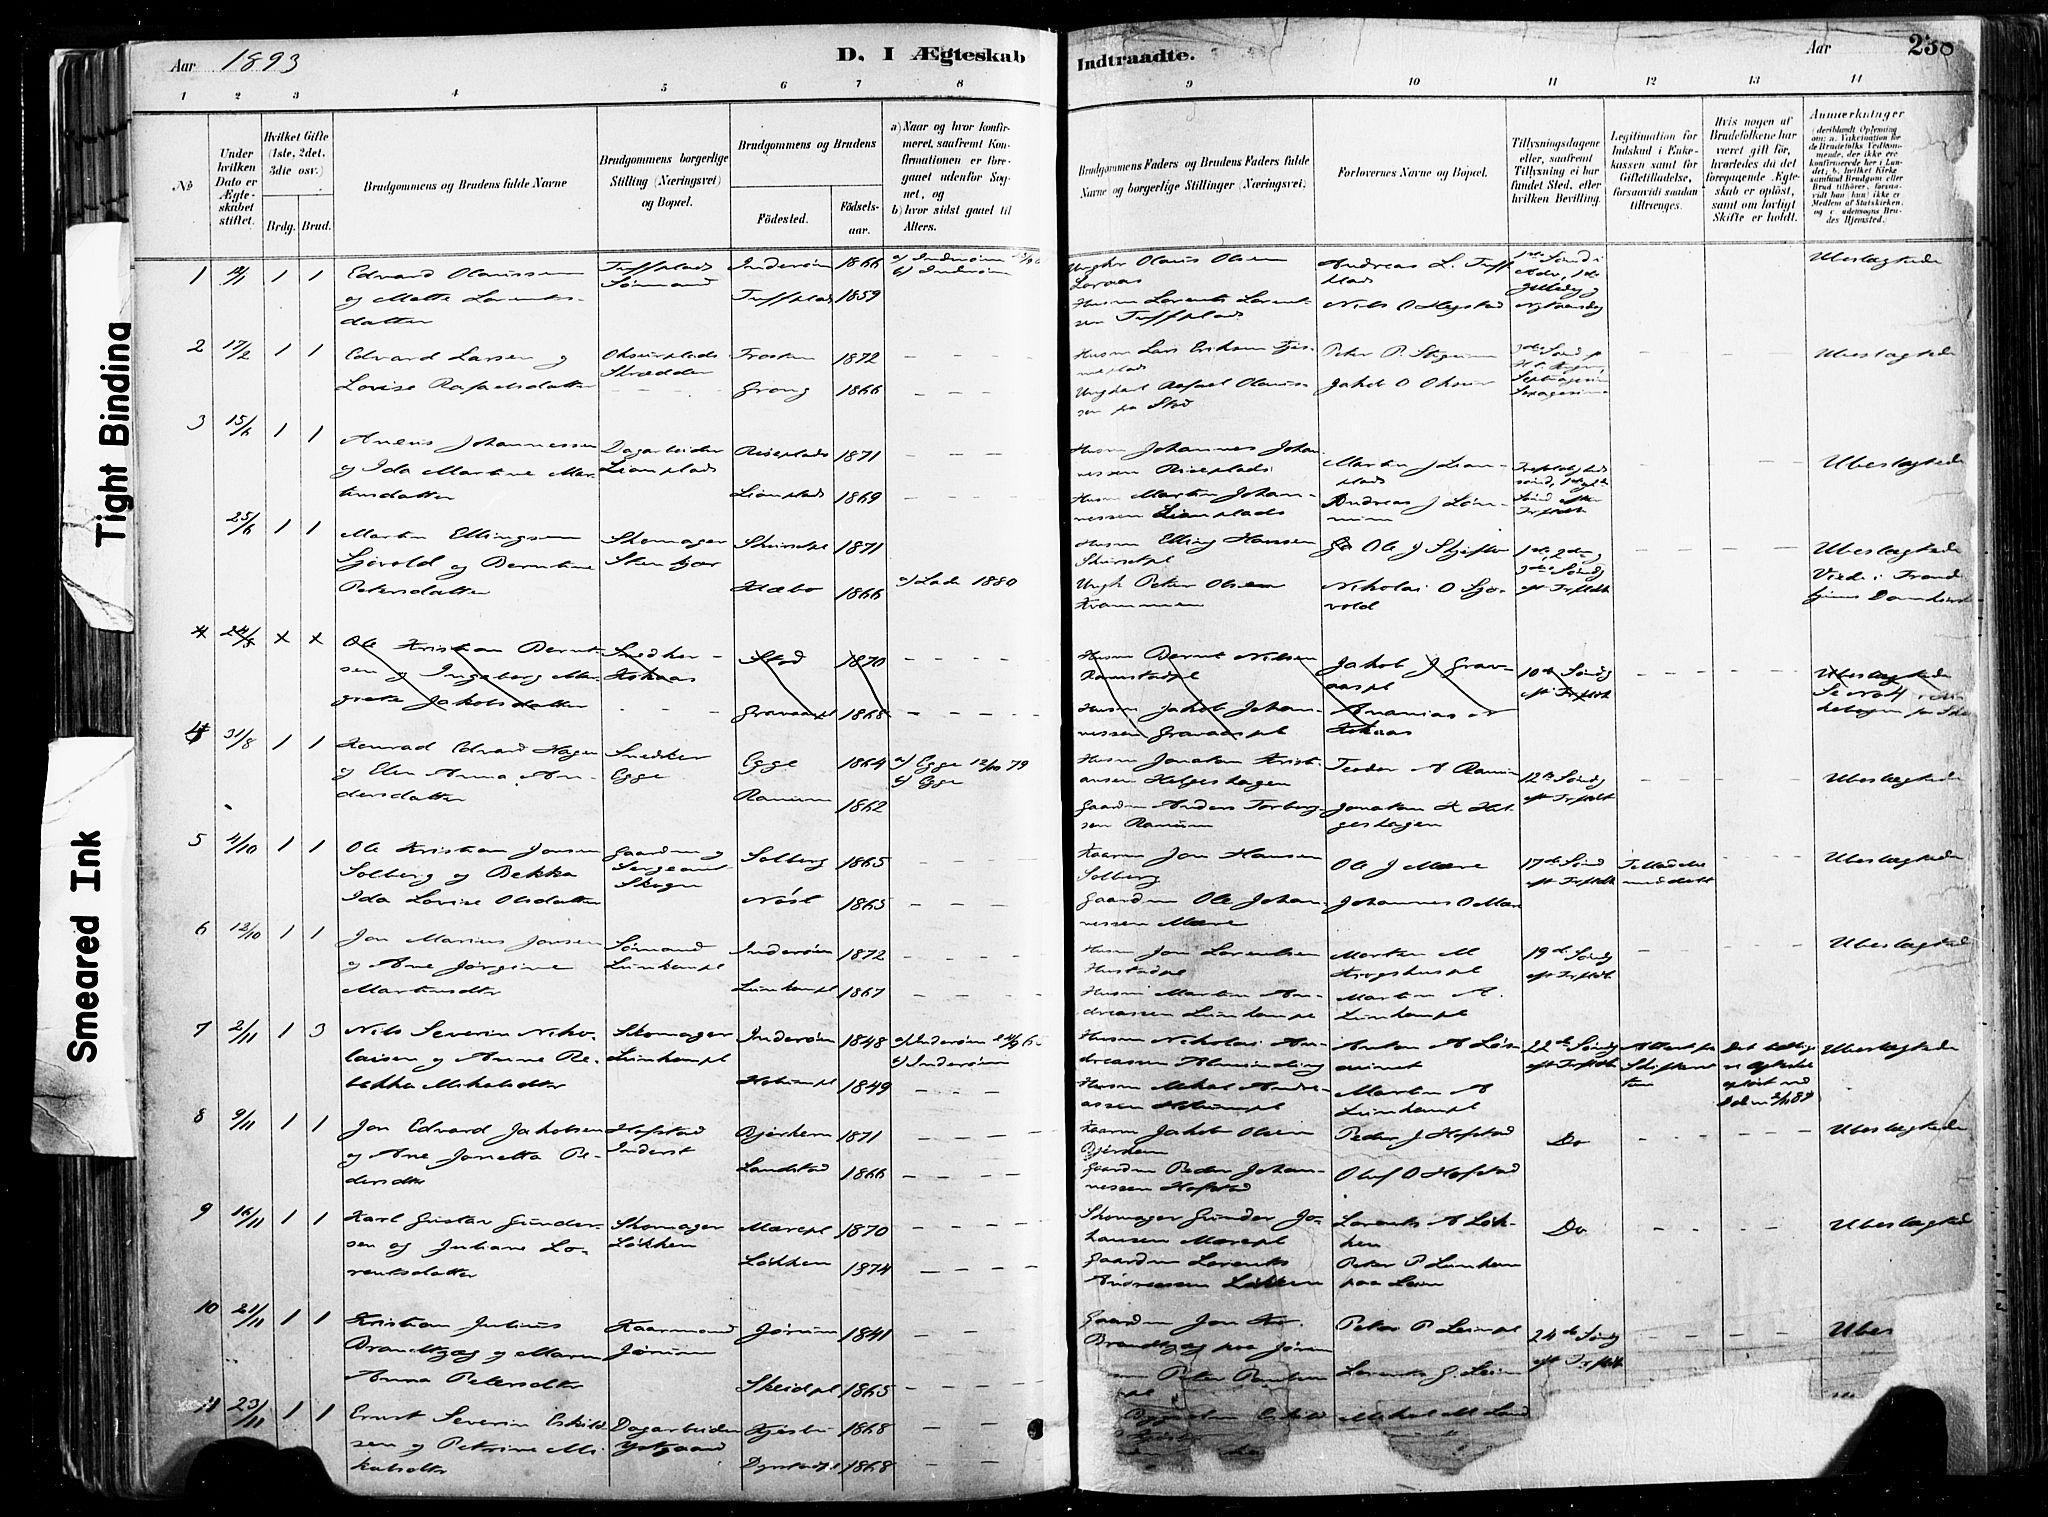 SAT, Ministerialprotokoller, klokkerbøker og fødselsregistre - Nord-Trøndelag, 735/L0351: Ministerialbok nr. 735A10, 1884-1908, s. 238